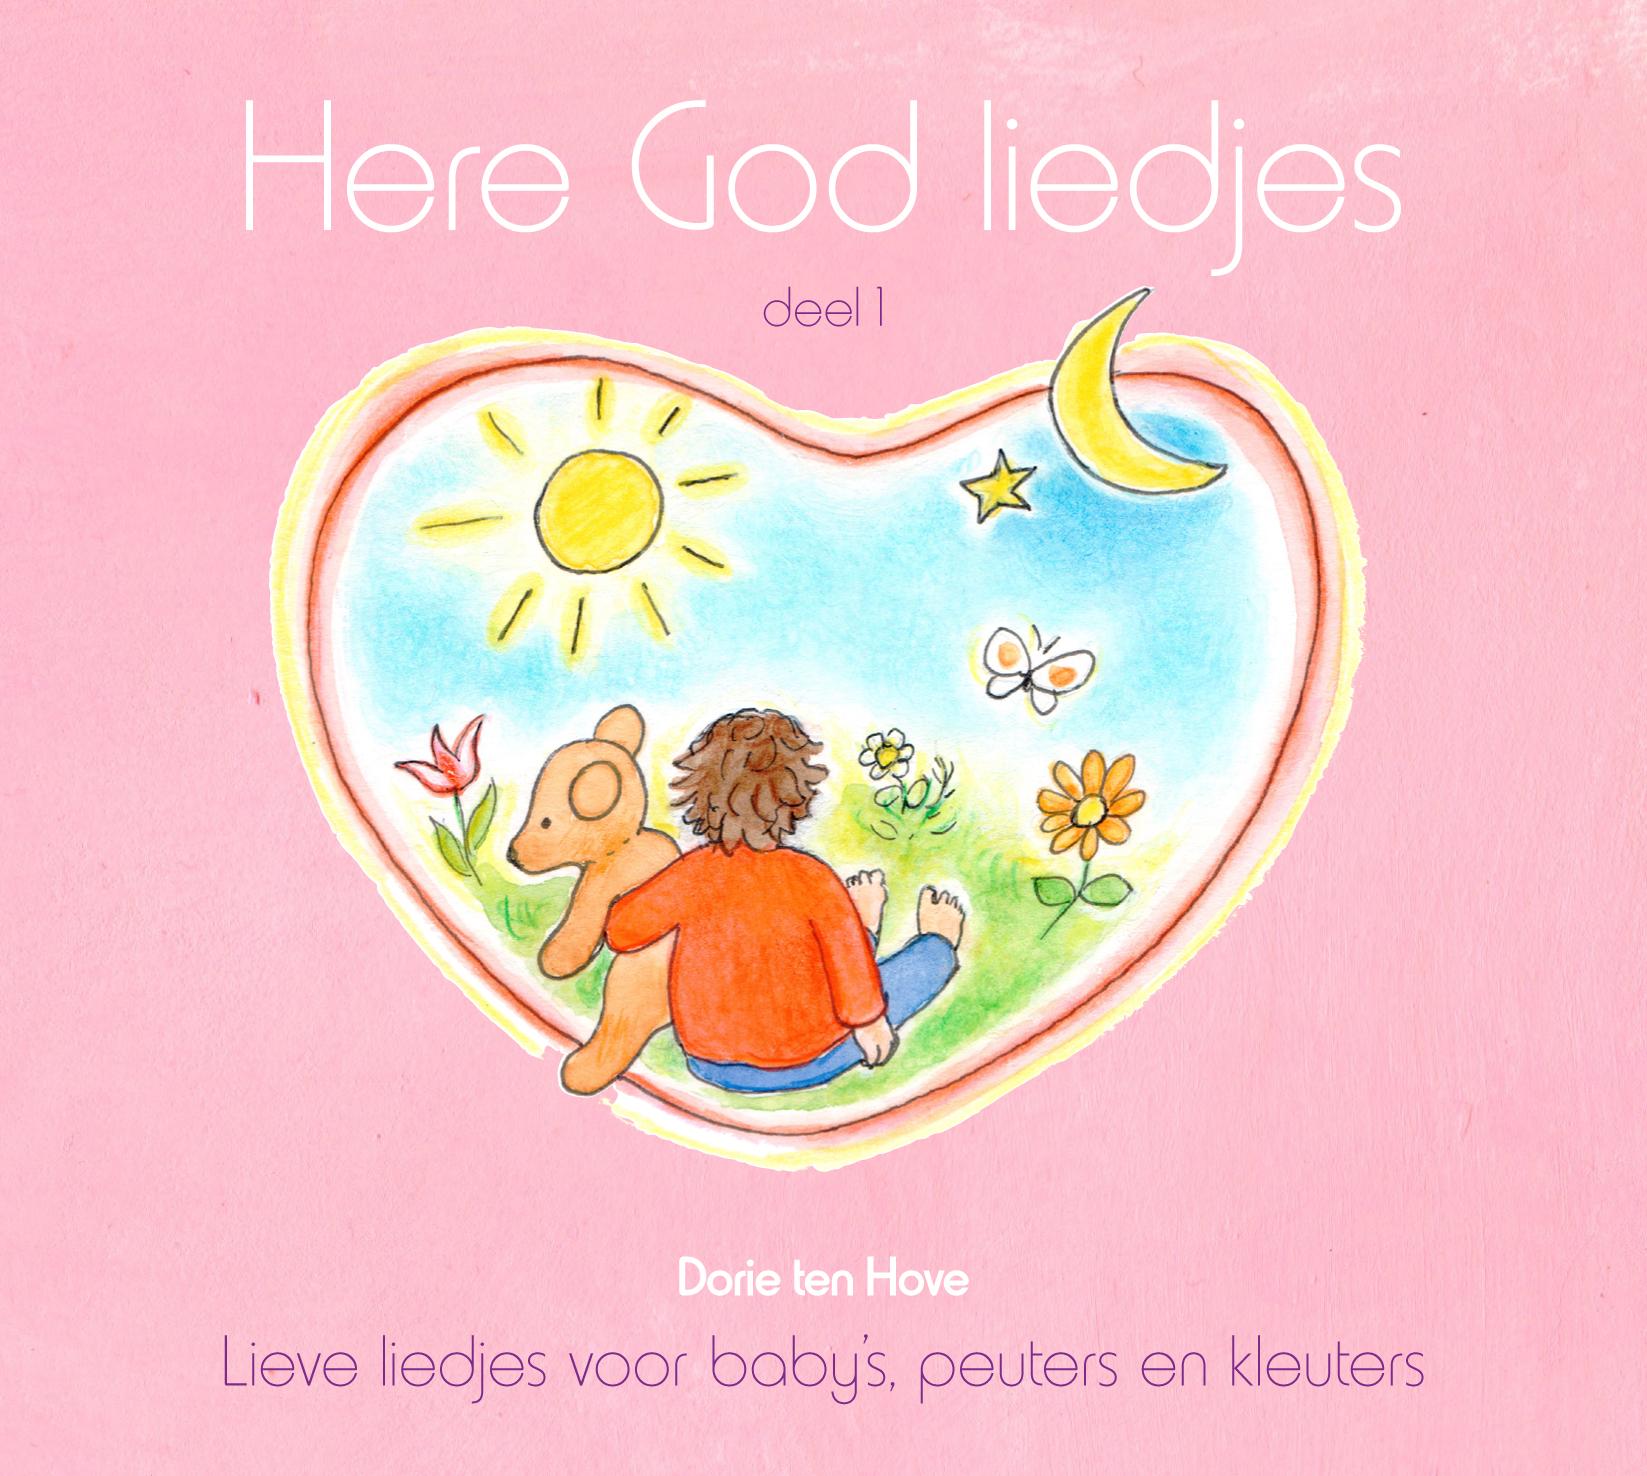 Here God liedjes dl 1